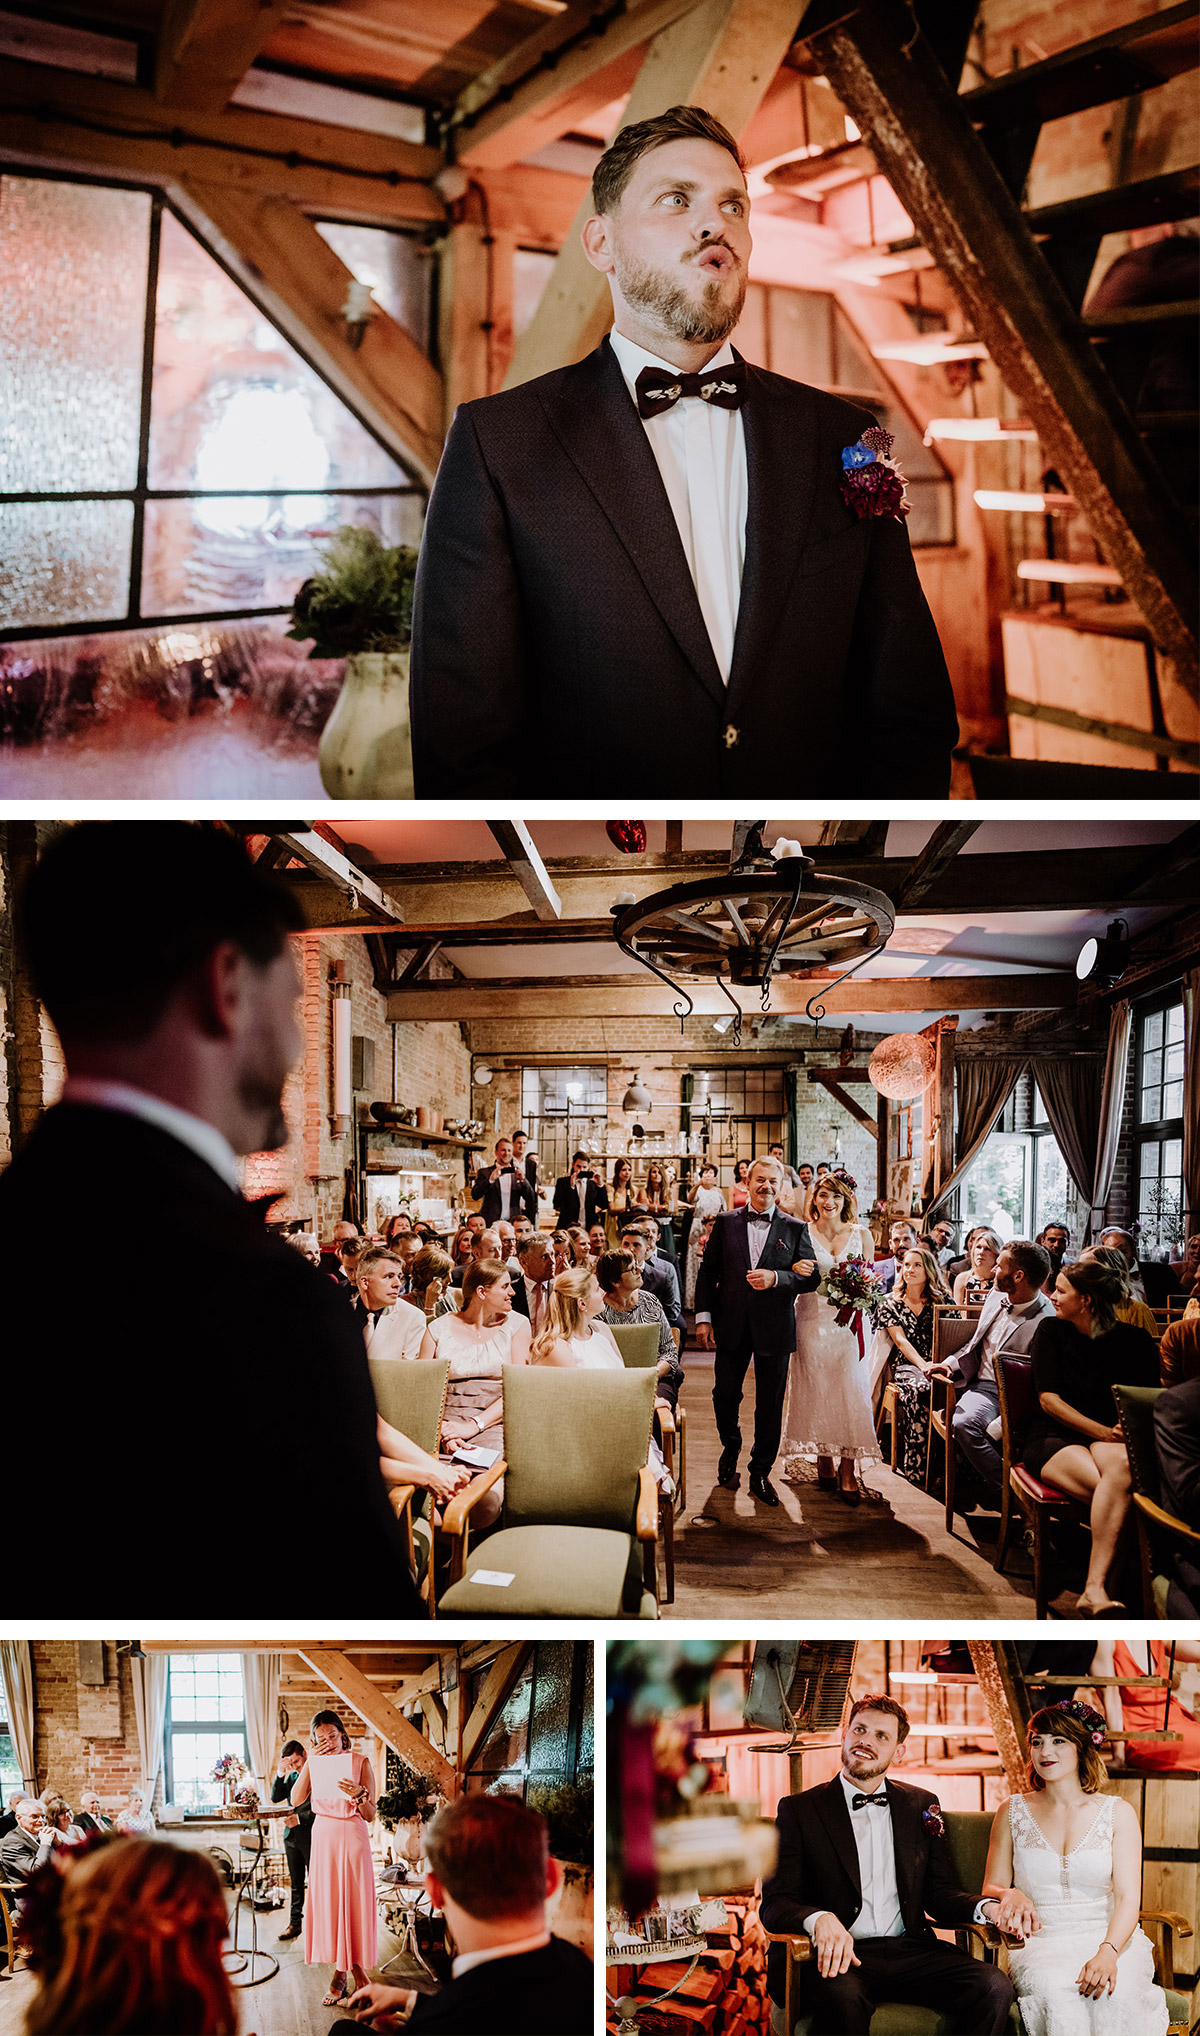 Hochzeit First Look bei Trauung emotionaler Hochzeitsmoment Hochzeitsreportage - Hochzeit Berlin Friedrichshain in Hochzeitslocation Old Smithy's Dizzle von Boho Hochzeitsfotograf © www.hochzeitslicht.de #hochzeitslicht